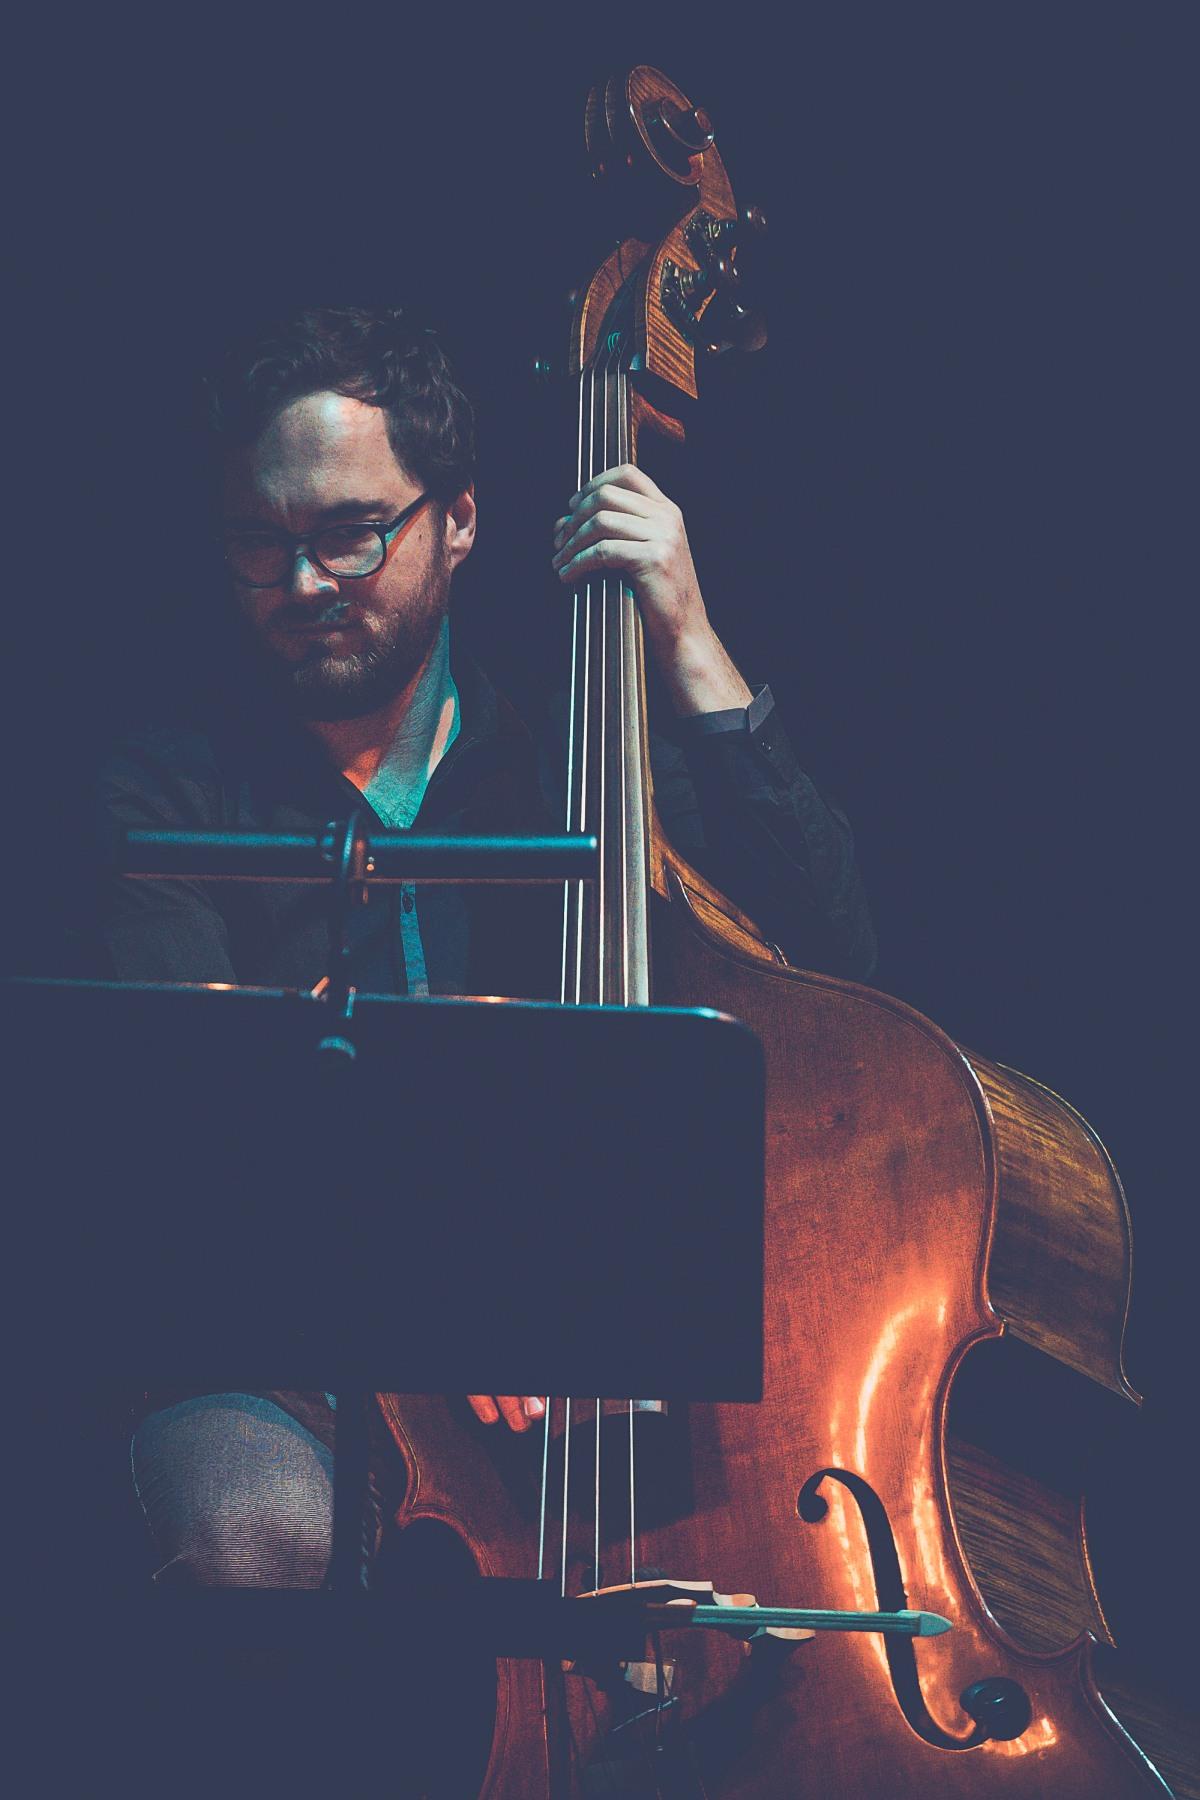 Jakub Olejnik gra na kontrabasie. Na pierwszym planie podświetlona partytura, na którą patrzy muzyk.